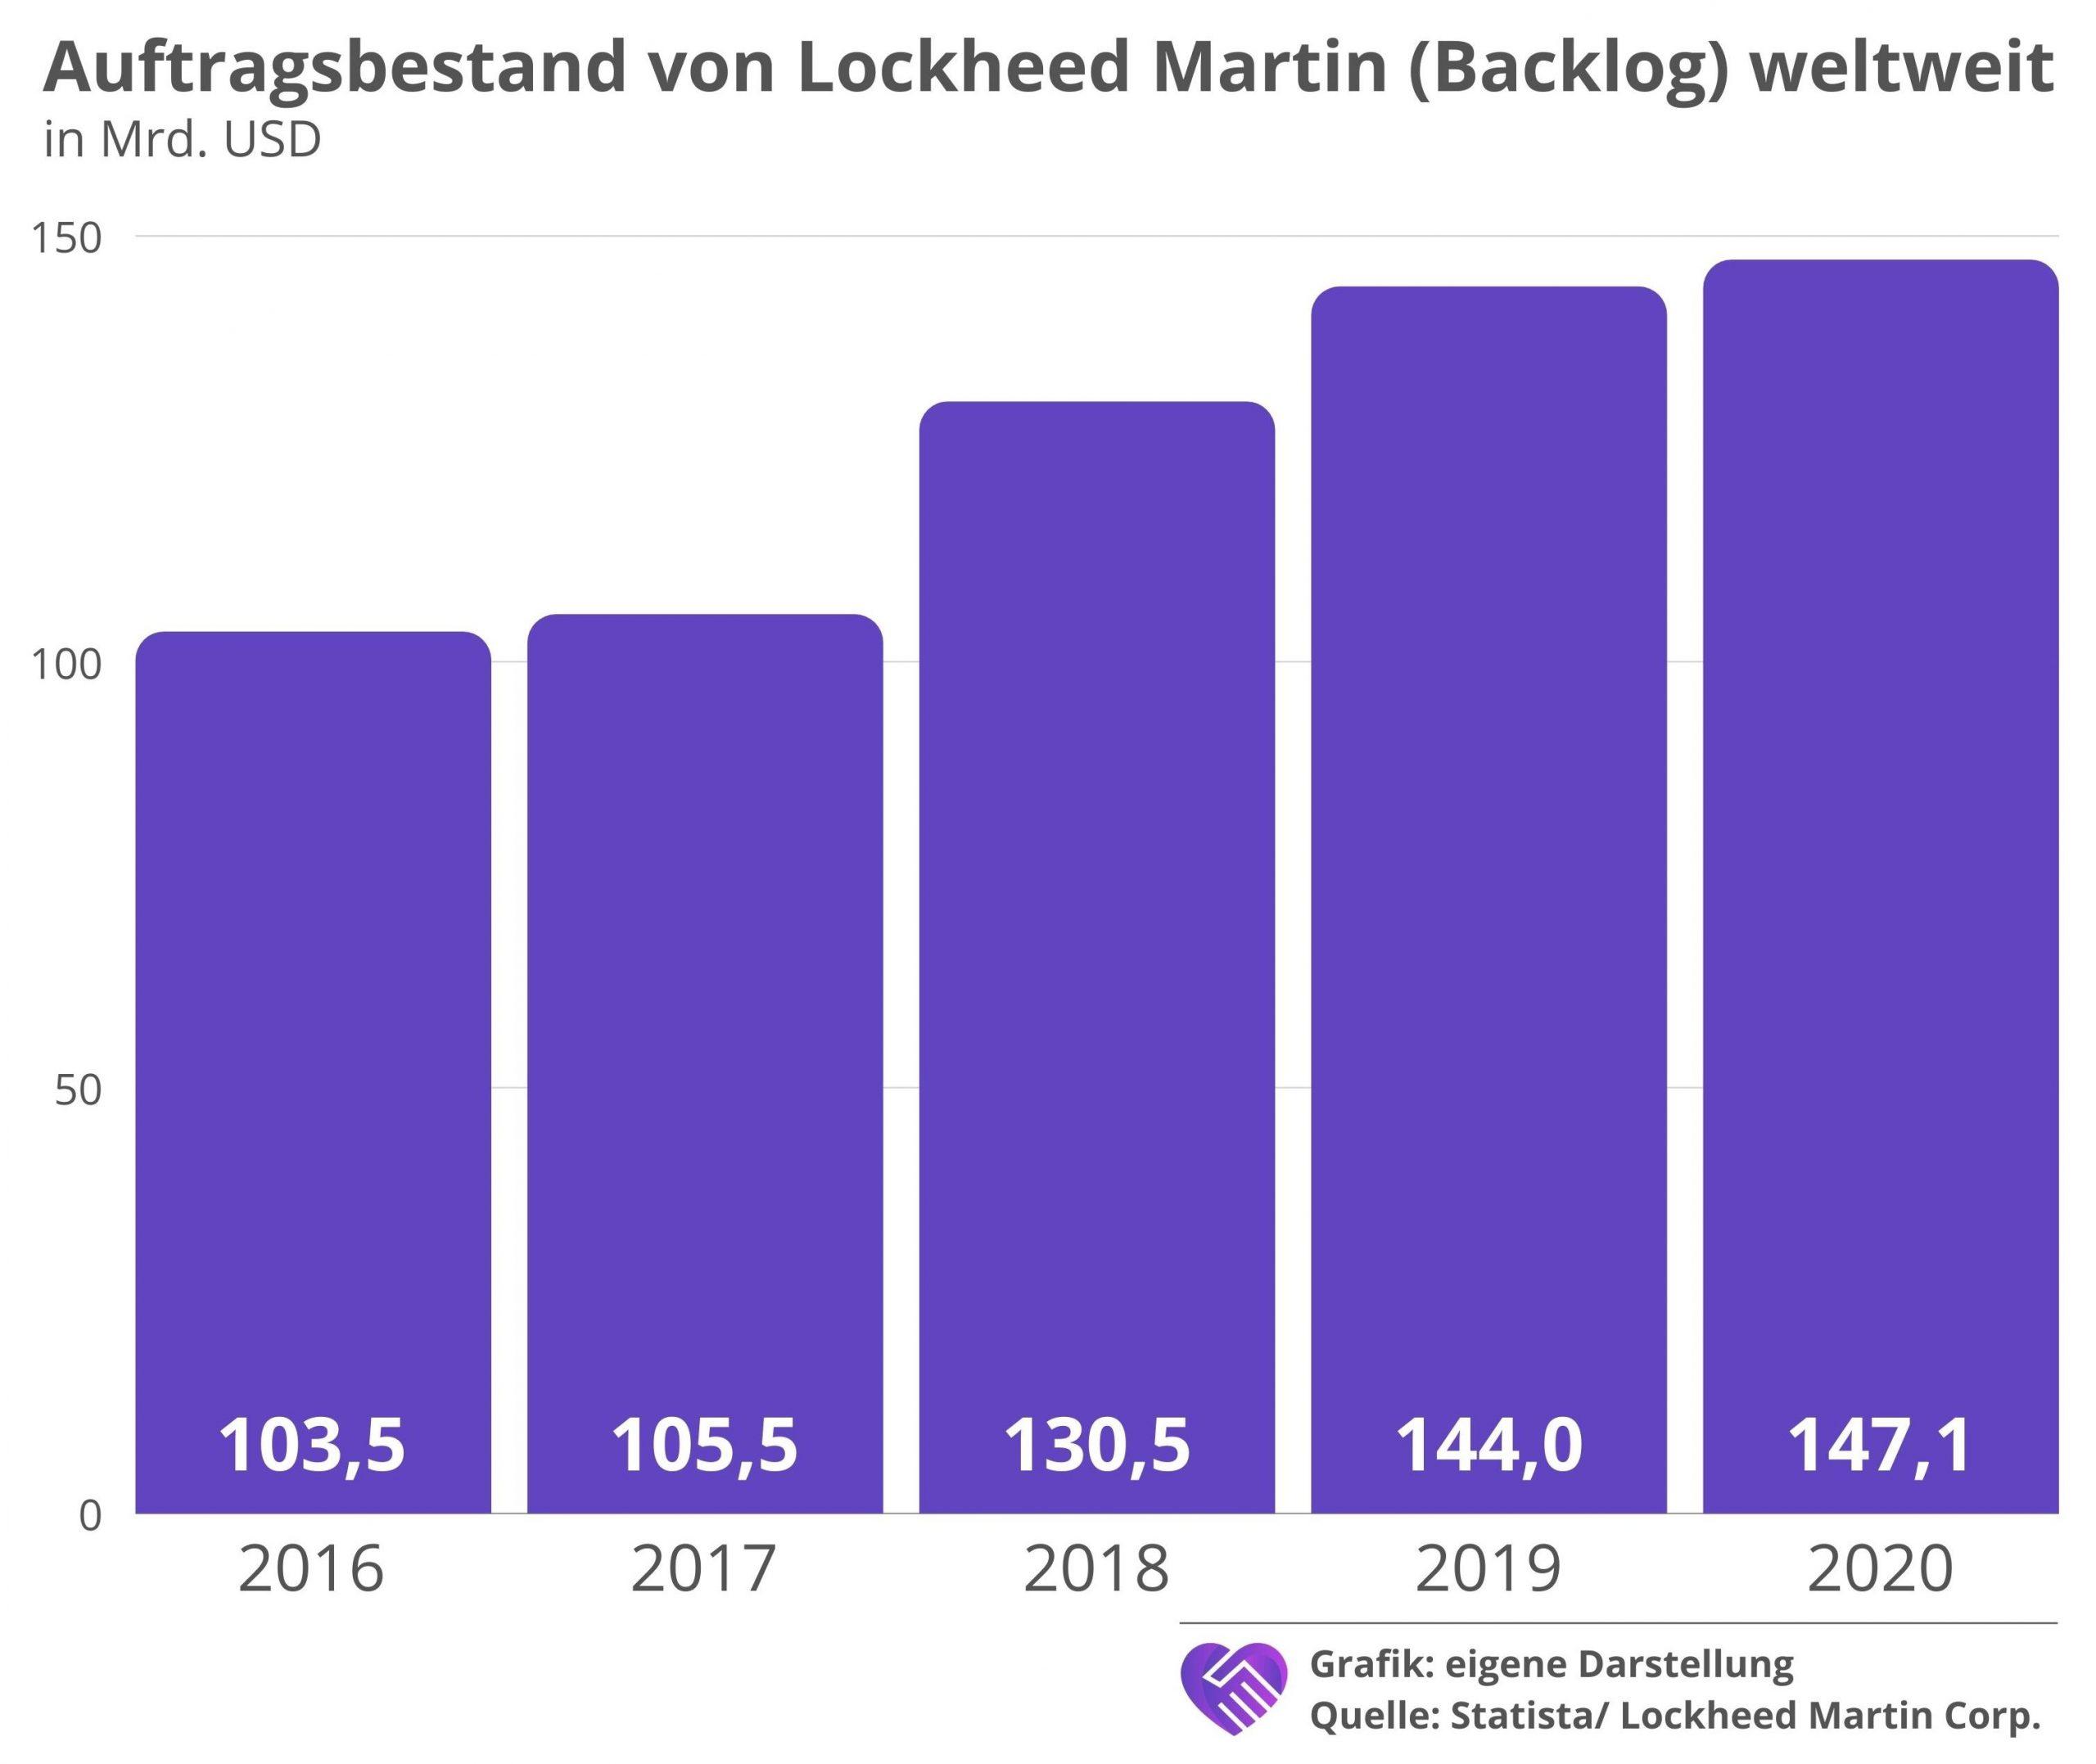 Lockheed Martin Aktie Analyse Auftragsbestand